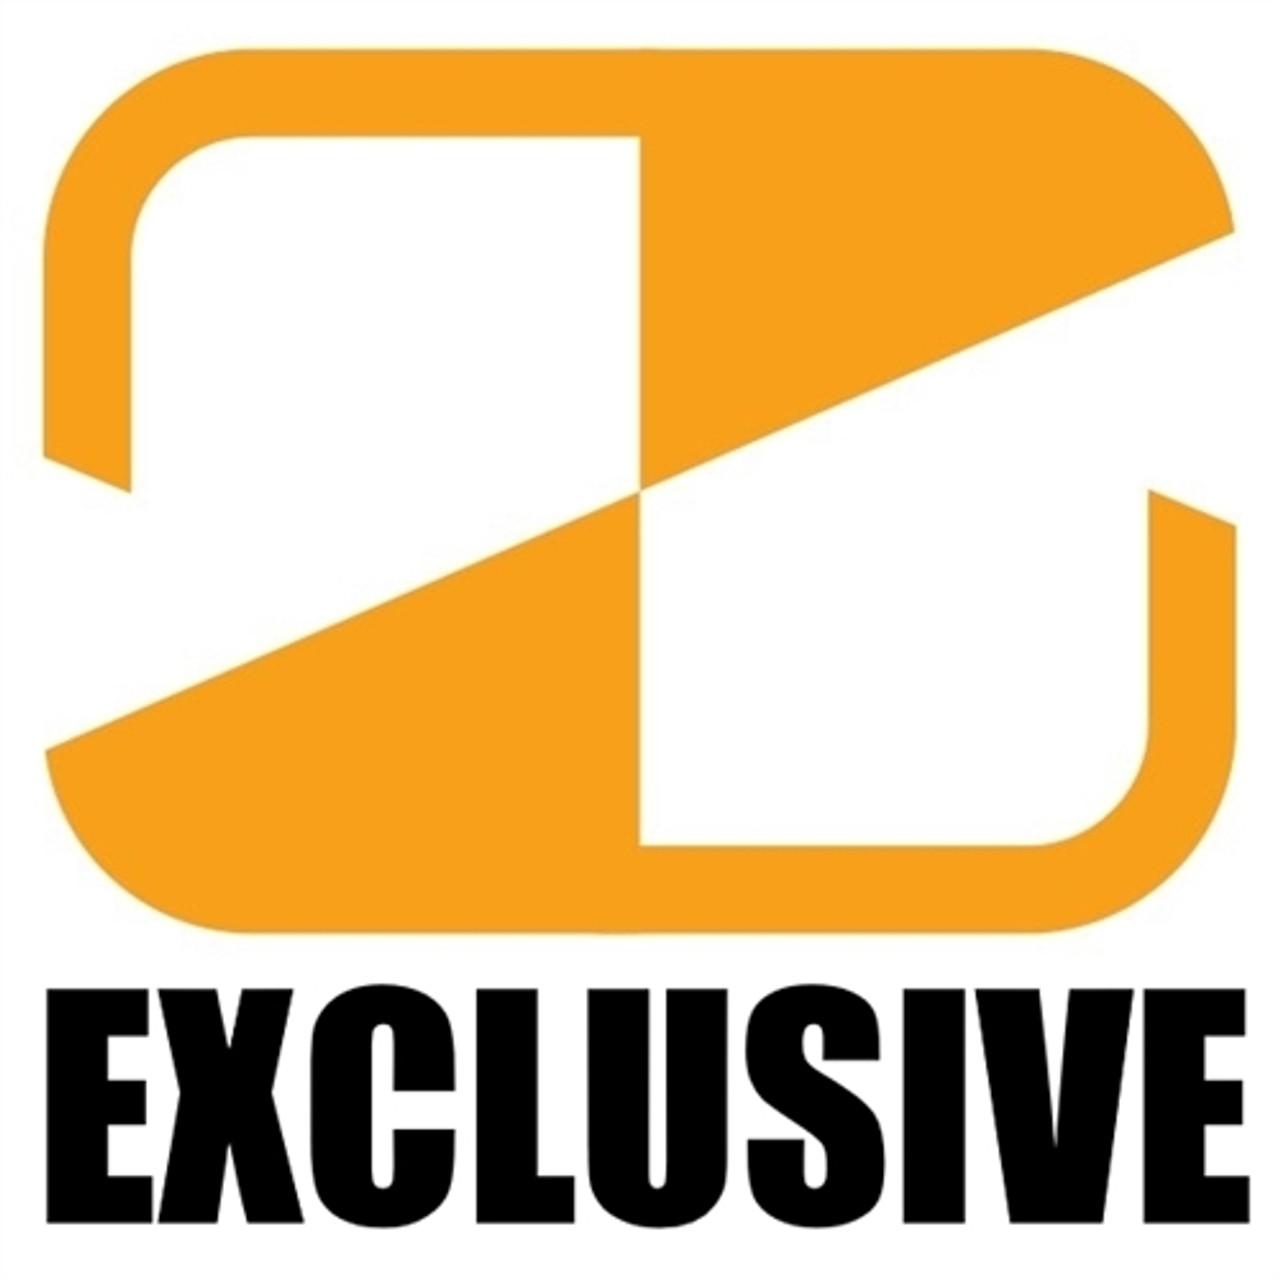 Kershaw Exclusive FDE Leek Spring Assist Knife, Black Blade